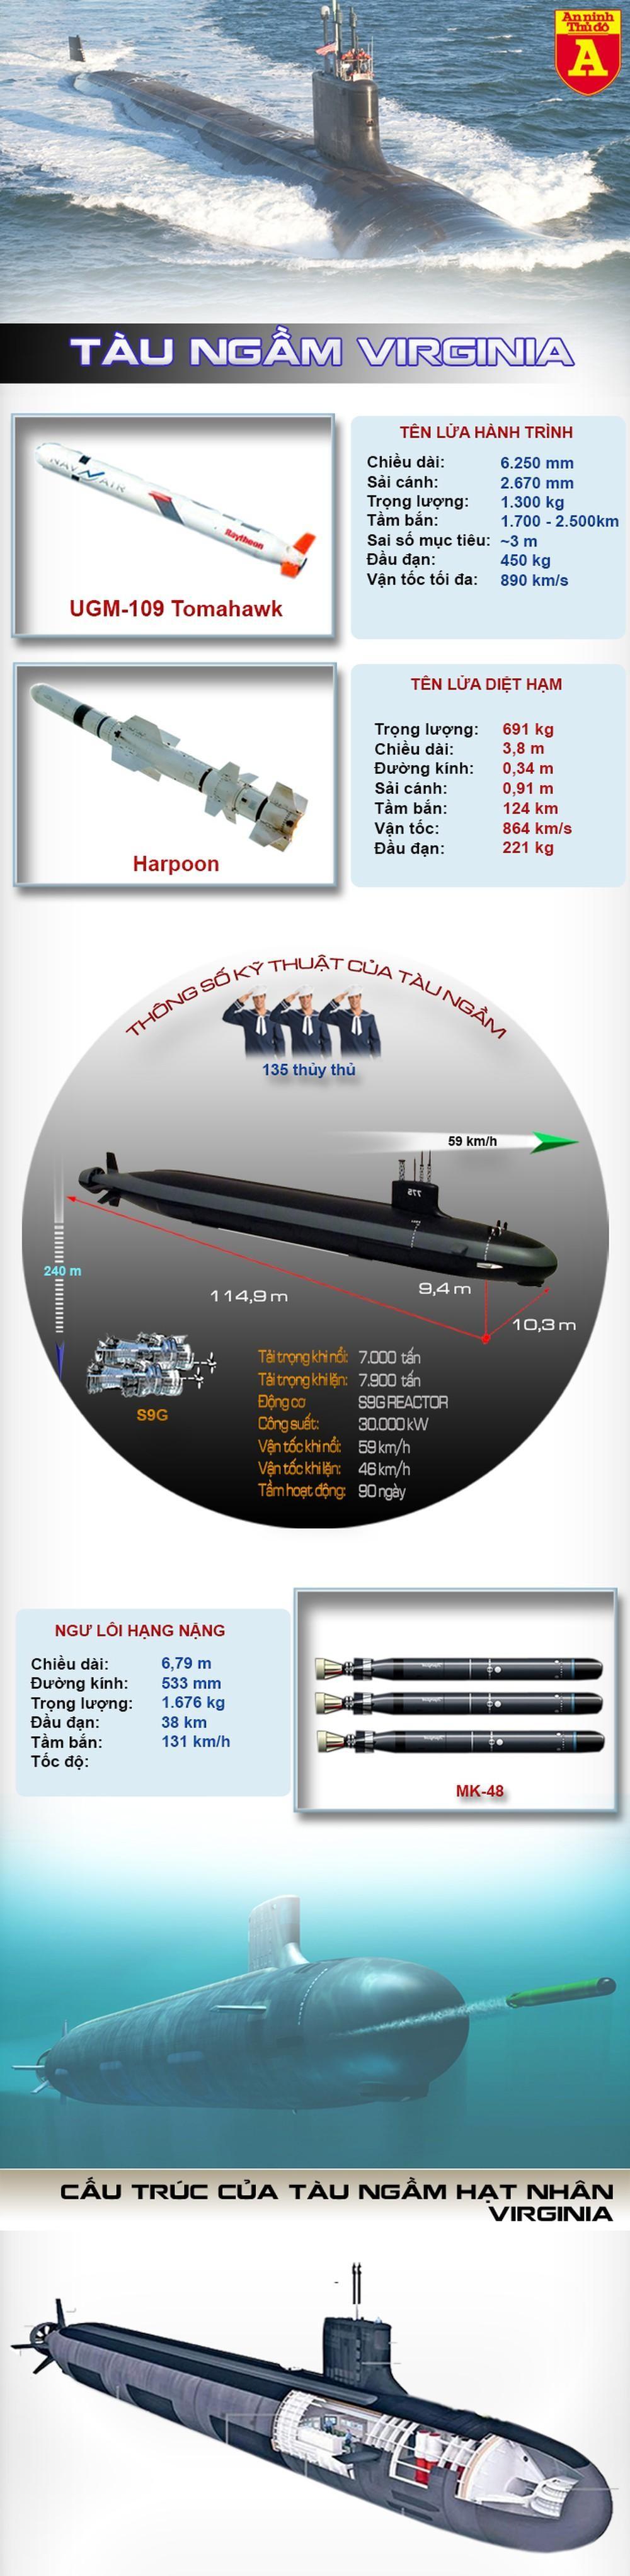 """[Info] Sức mạnh tàu ngầm hạt nhân Mỹ suýt nữa """"thổi bay"""" chiến hạm Nga tại Syria ảnh 2"""